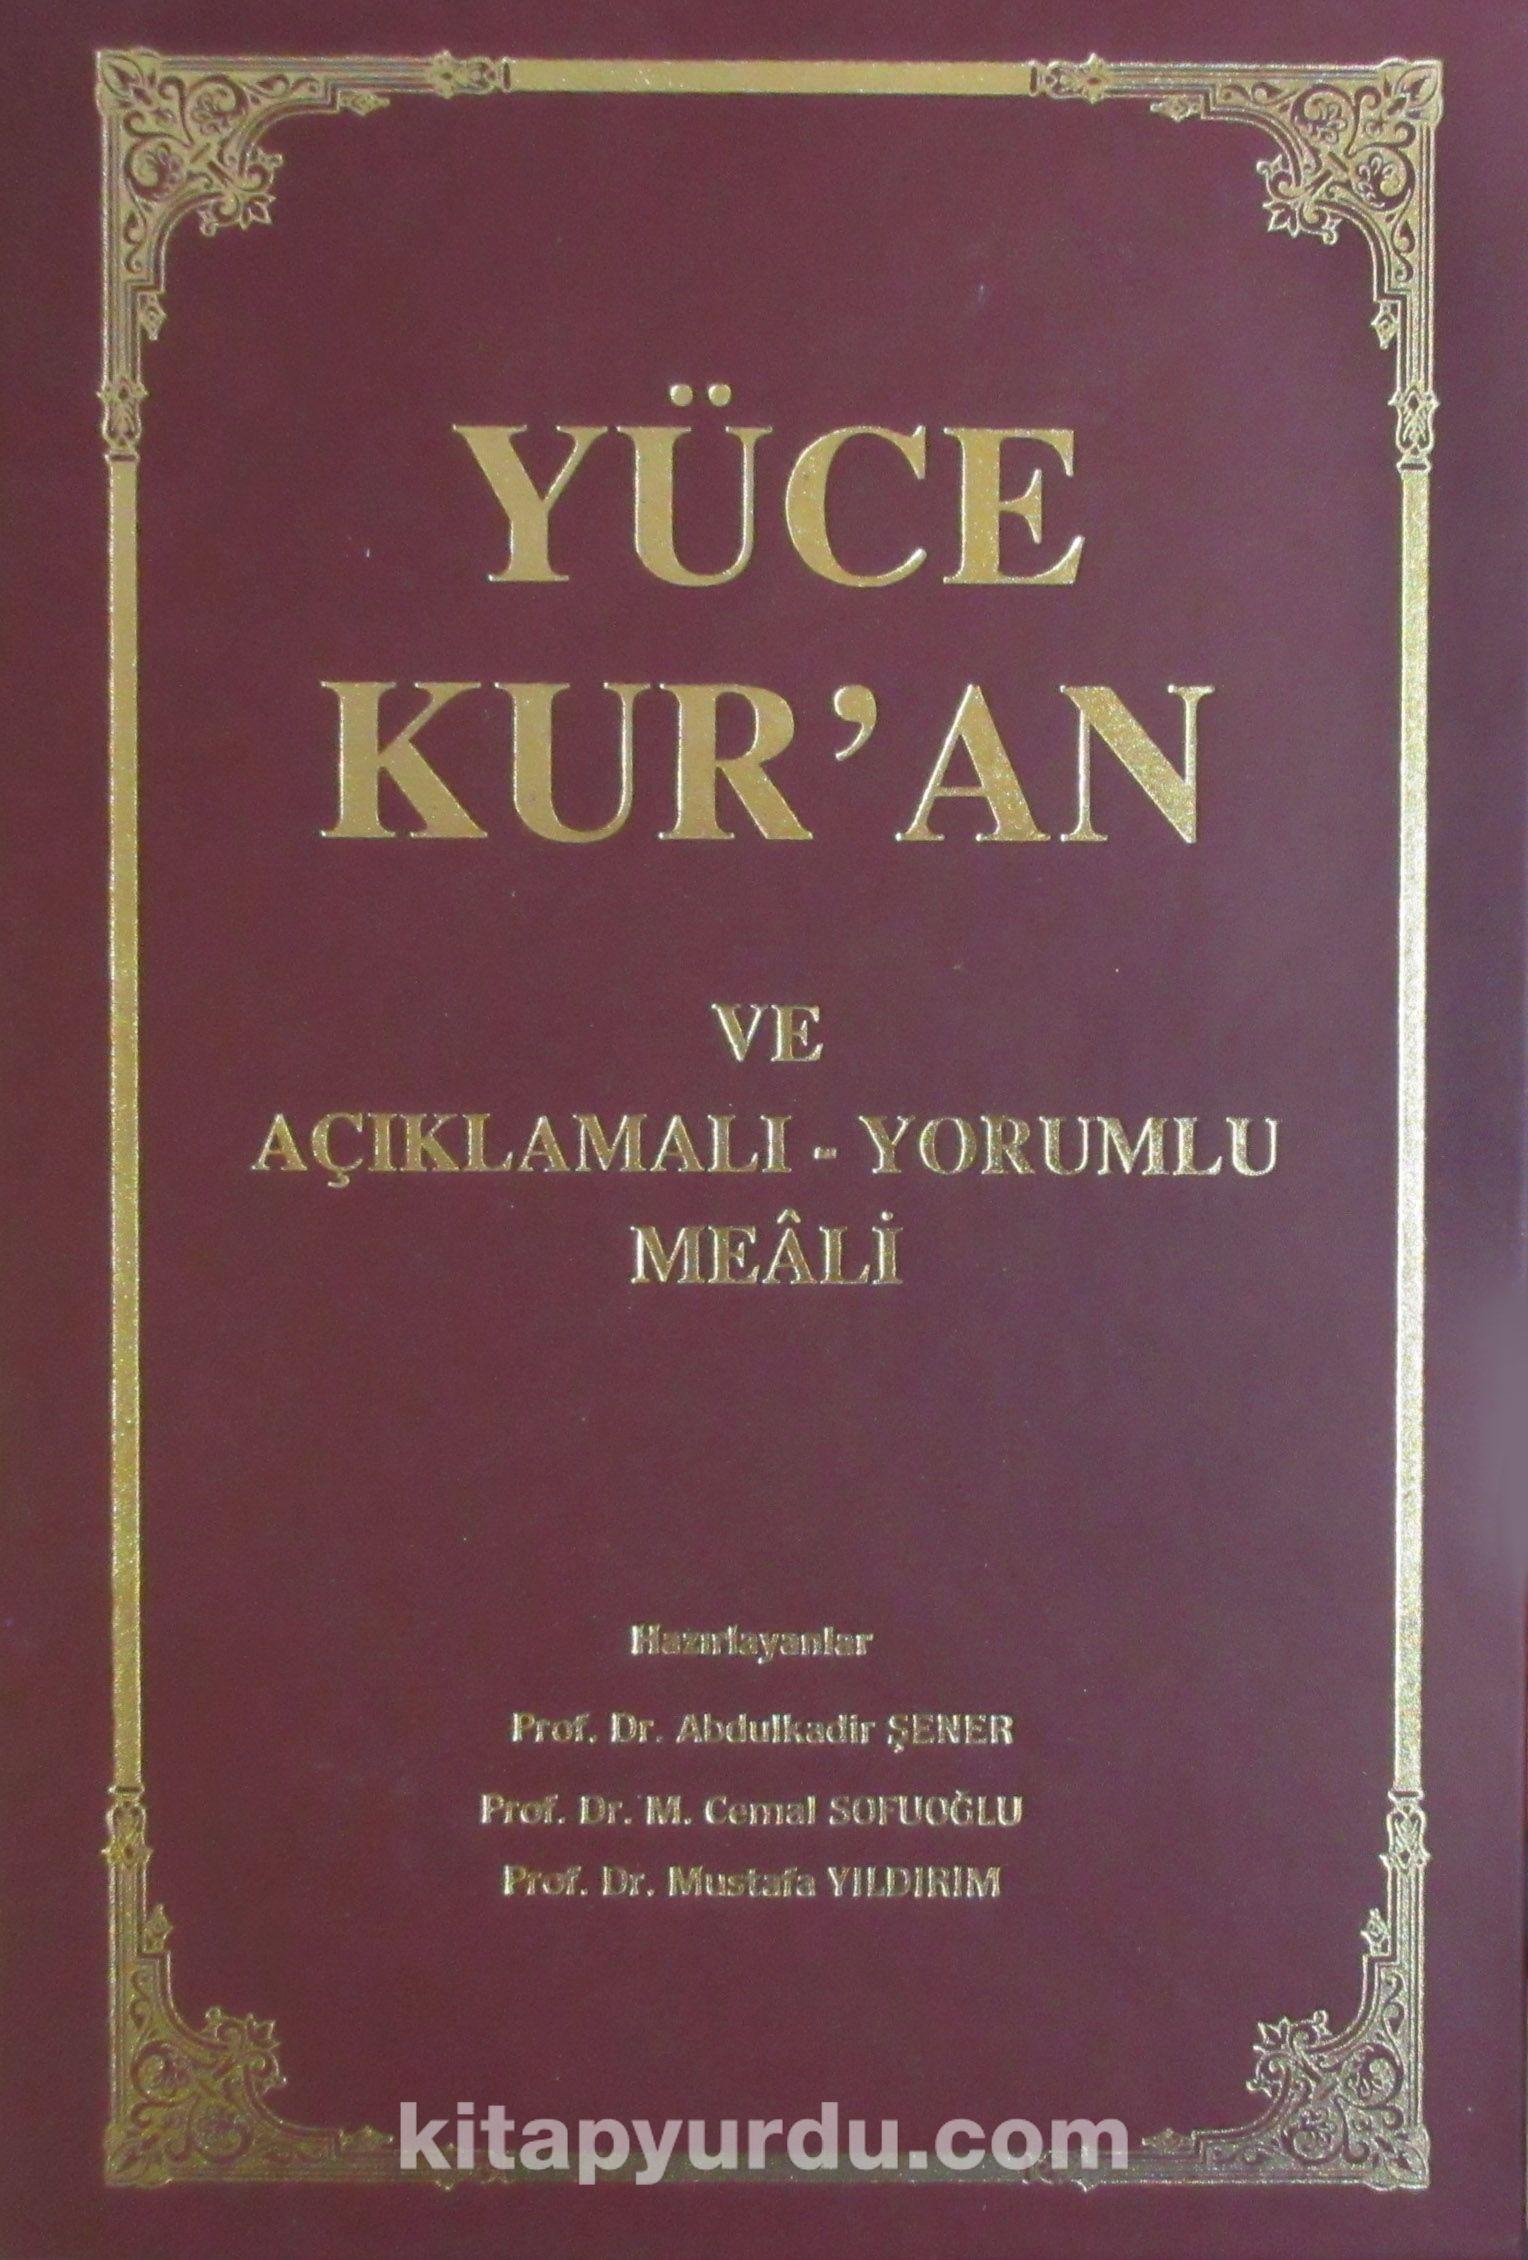 Yüce Kur'an ve Açıklamalı-Yorumlu Meali - Prof. Dr. Cemal Sofuoğlu pdf epub